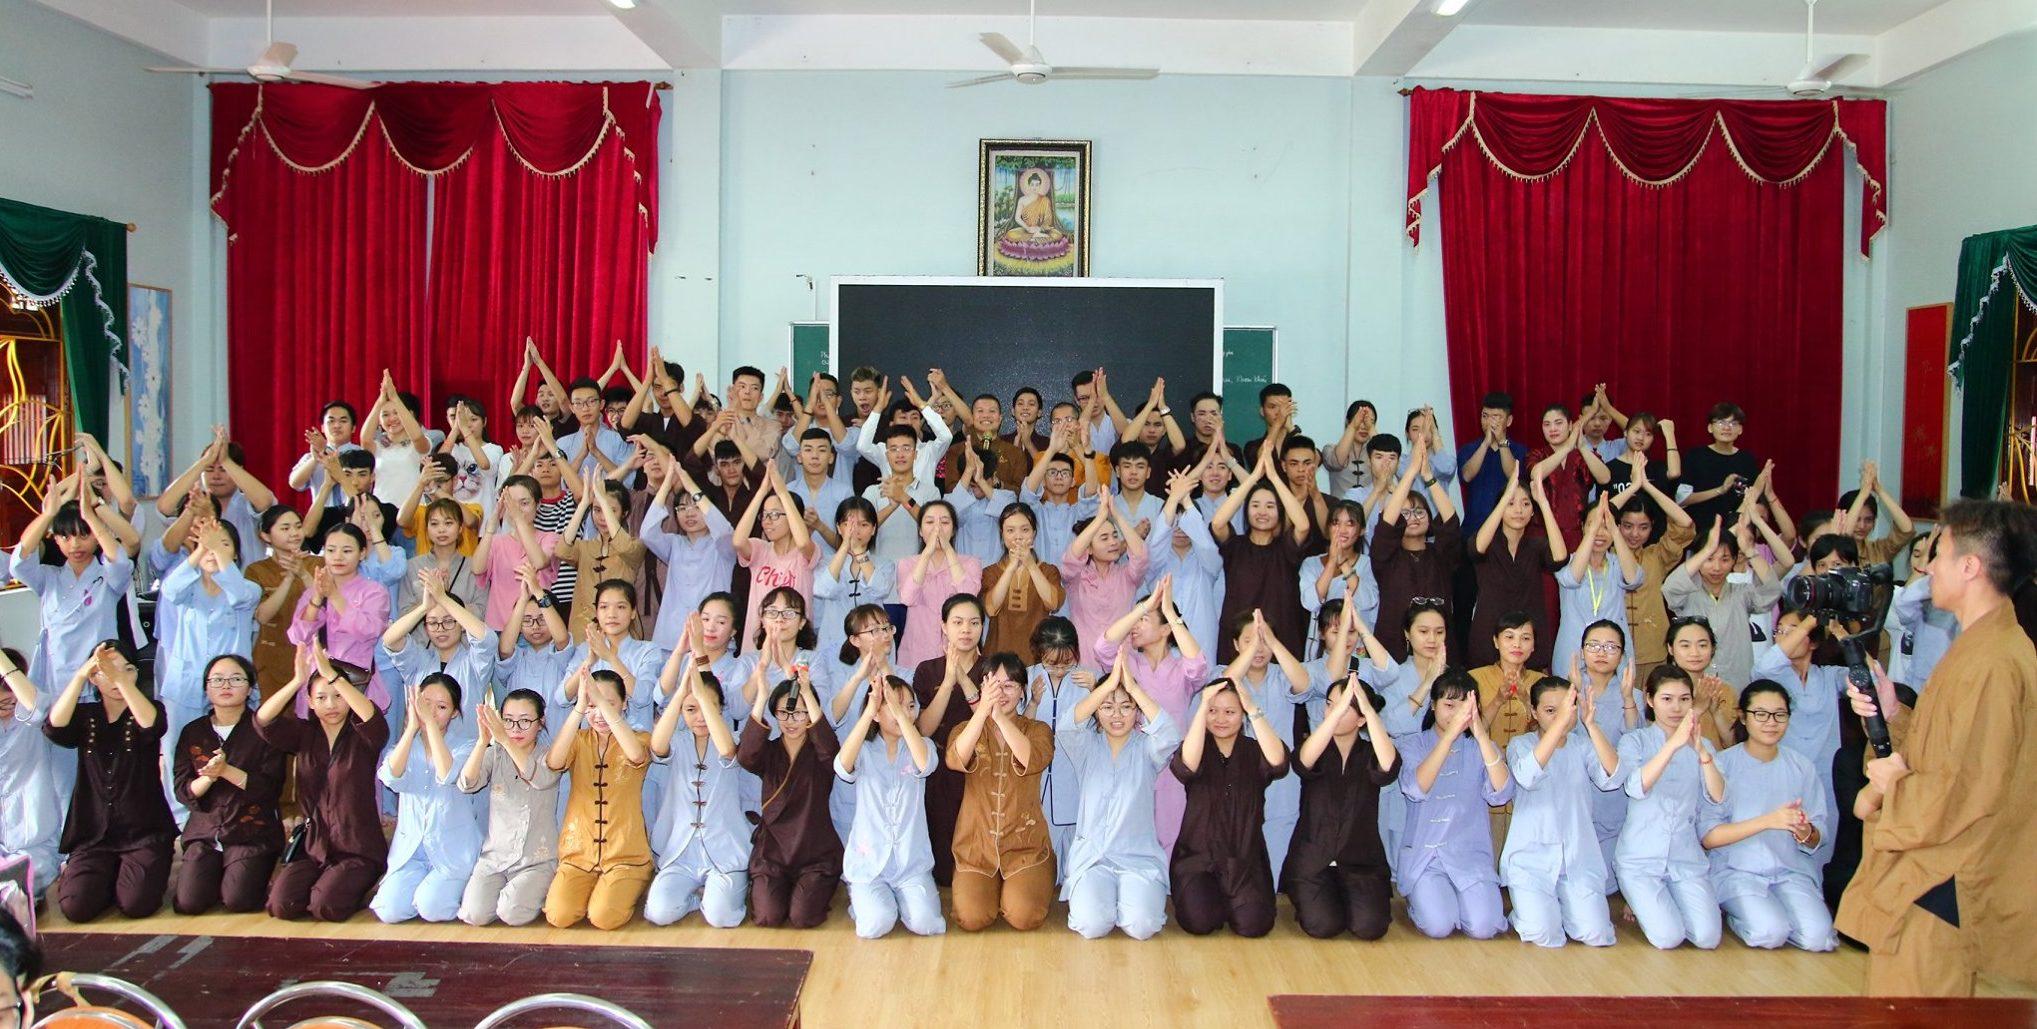 Gần 150 Tình Nguyện Viên Tham Gia Tập Huấn Khóa Tu Mùa Hè Chùa Ba Vàng 2019